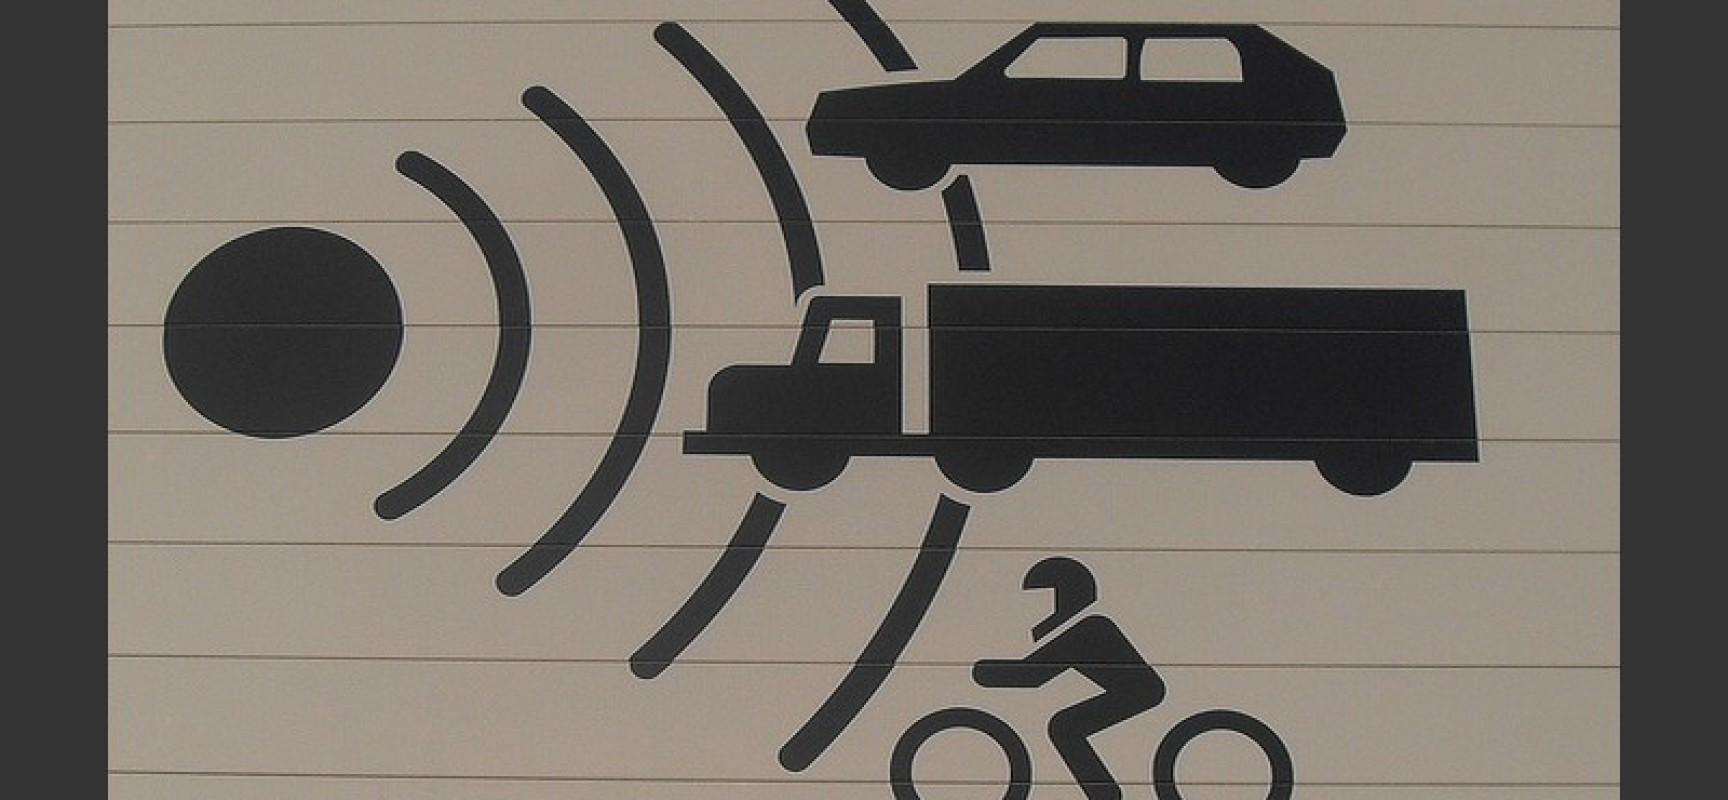 La lutte contre les terroristes routiers continue : Coyote, Waze, TomTom bientôt interdits ?